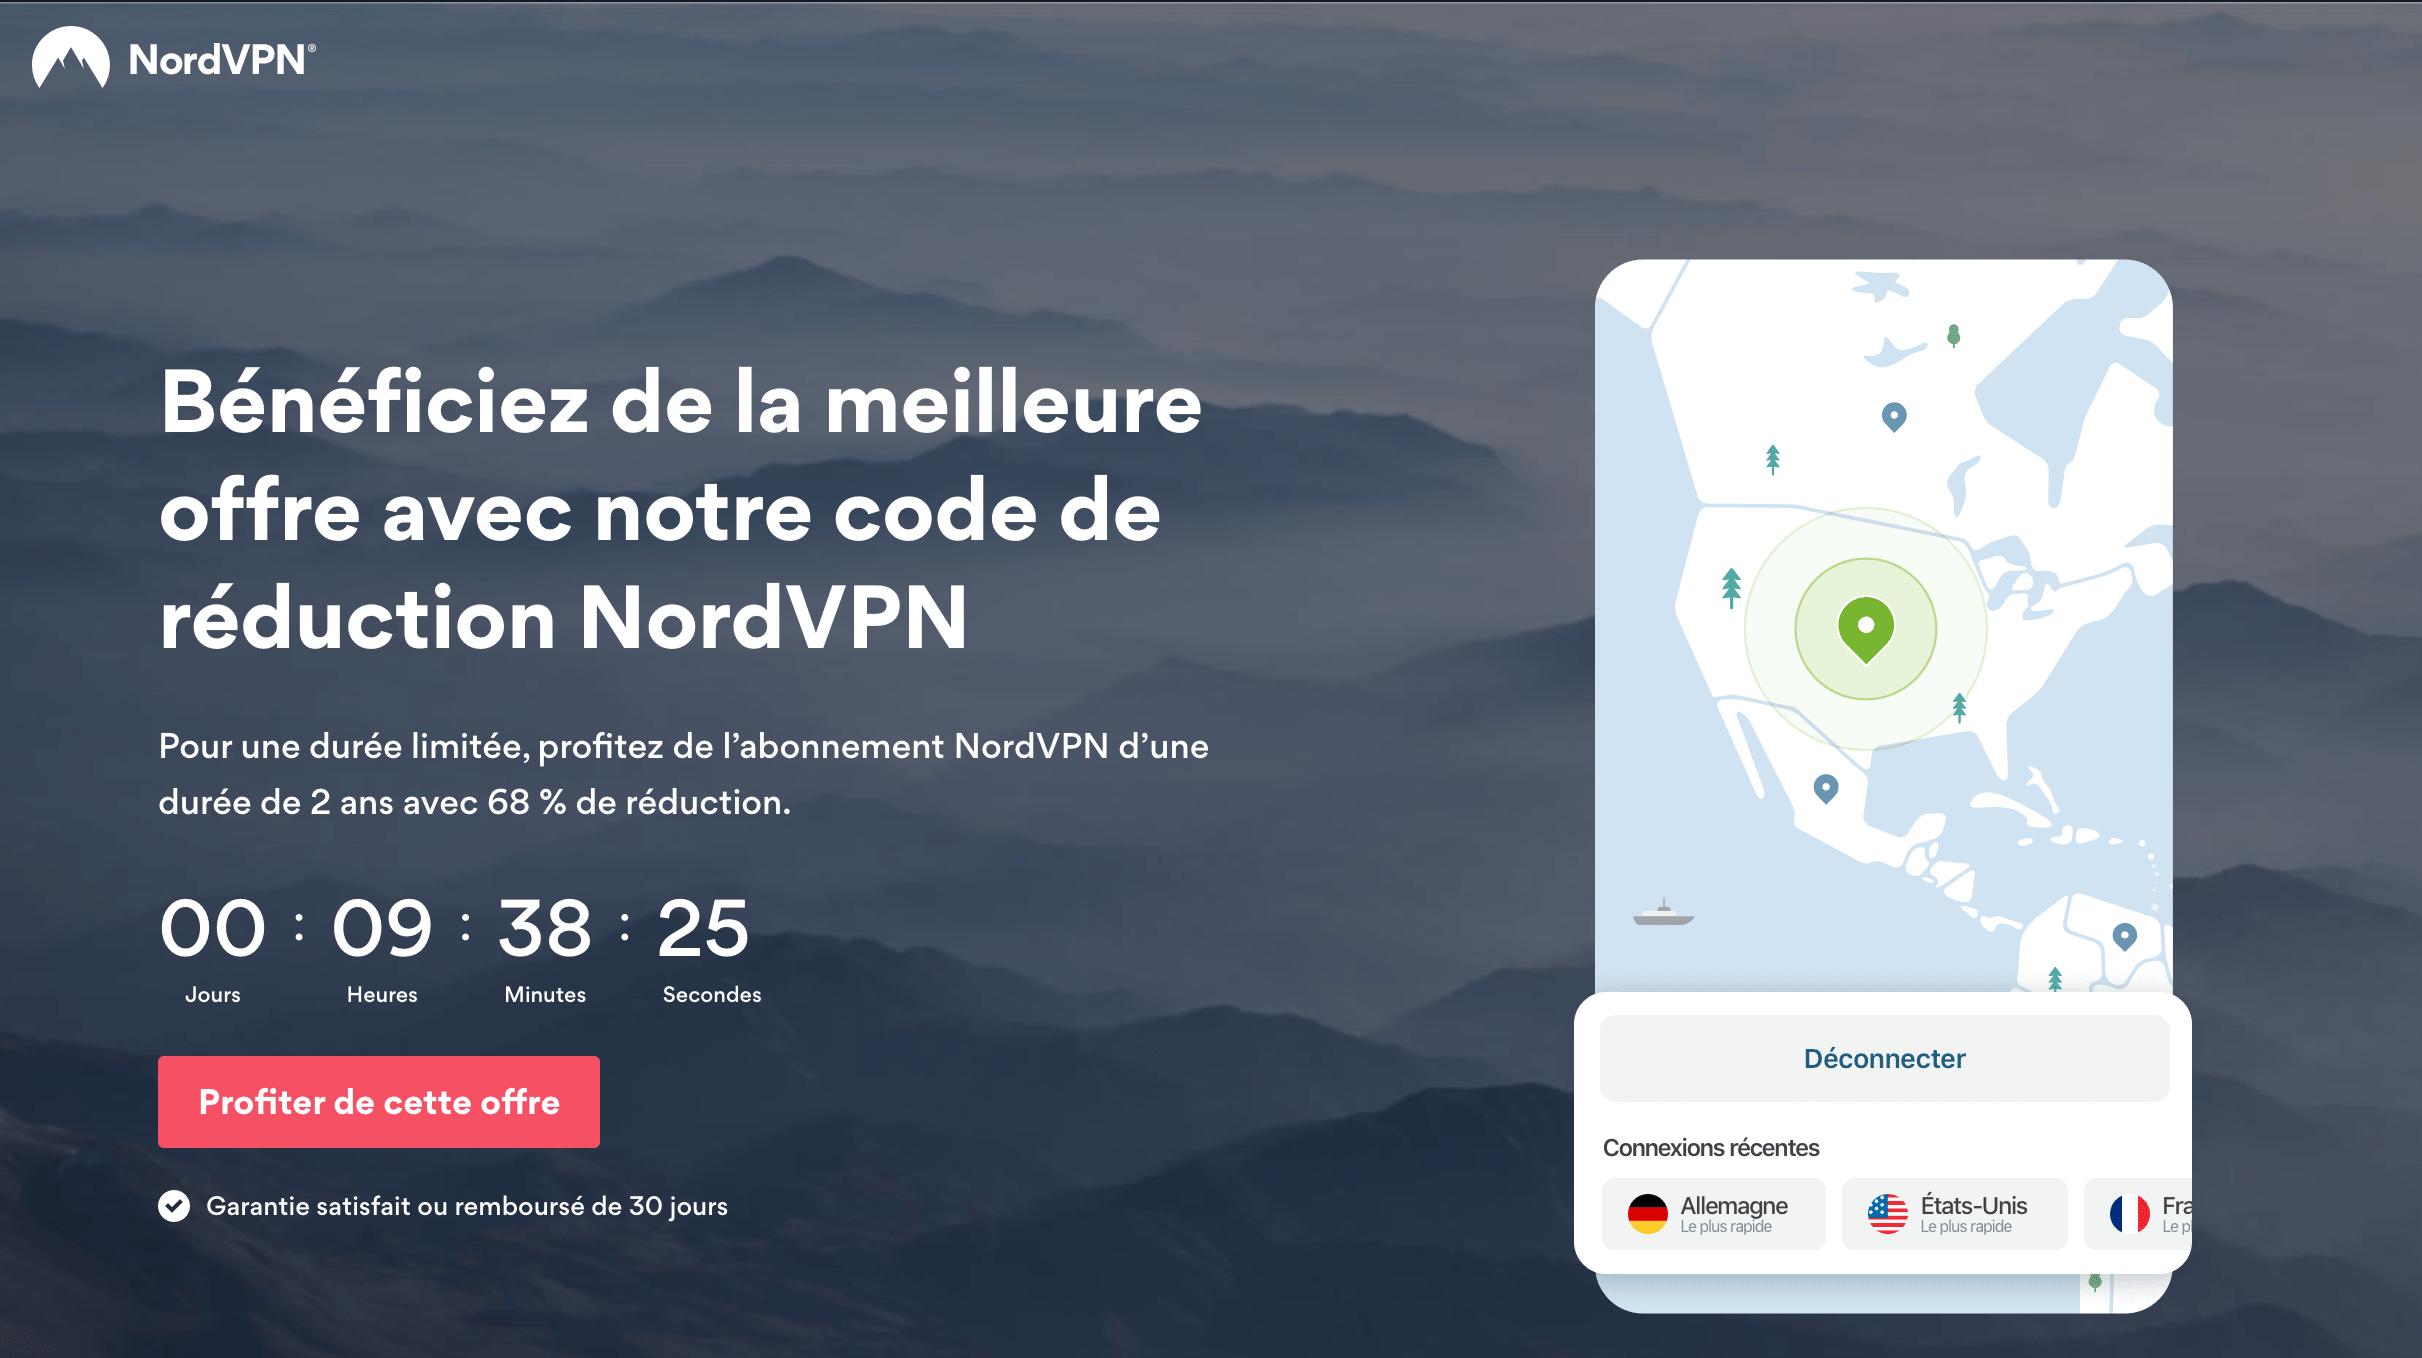 Profitez de NordVPN avec le code promo Tipsfromgeeks